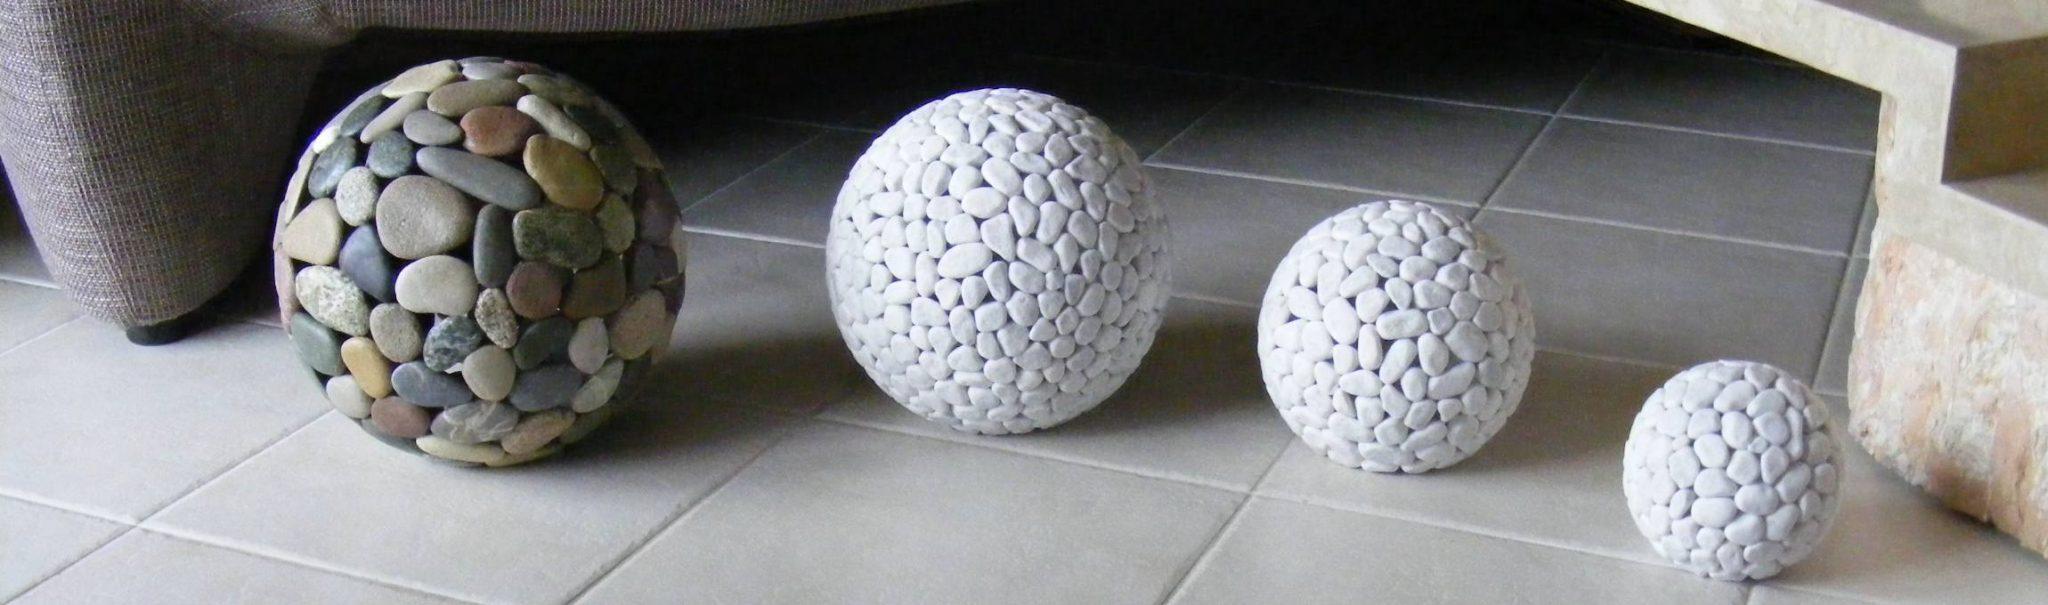 decoration exterieur objet